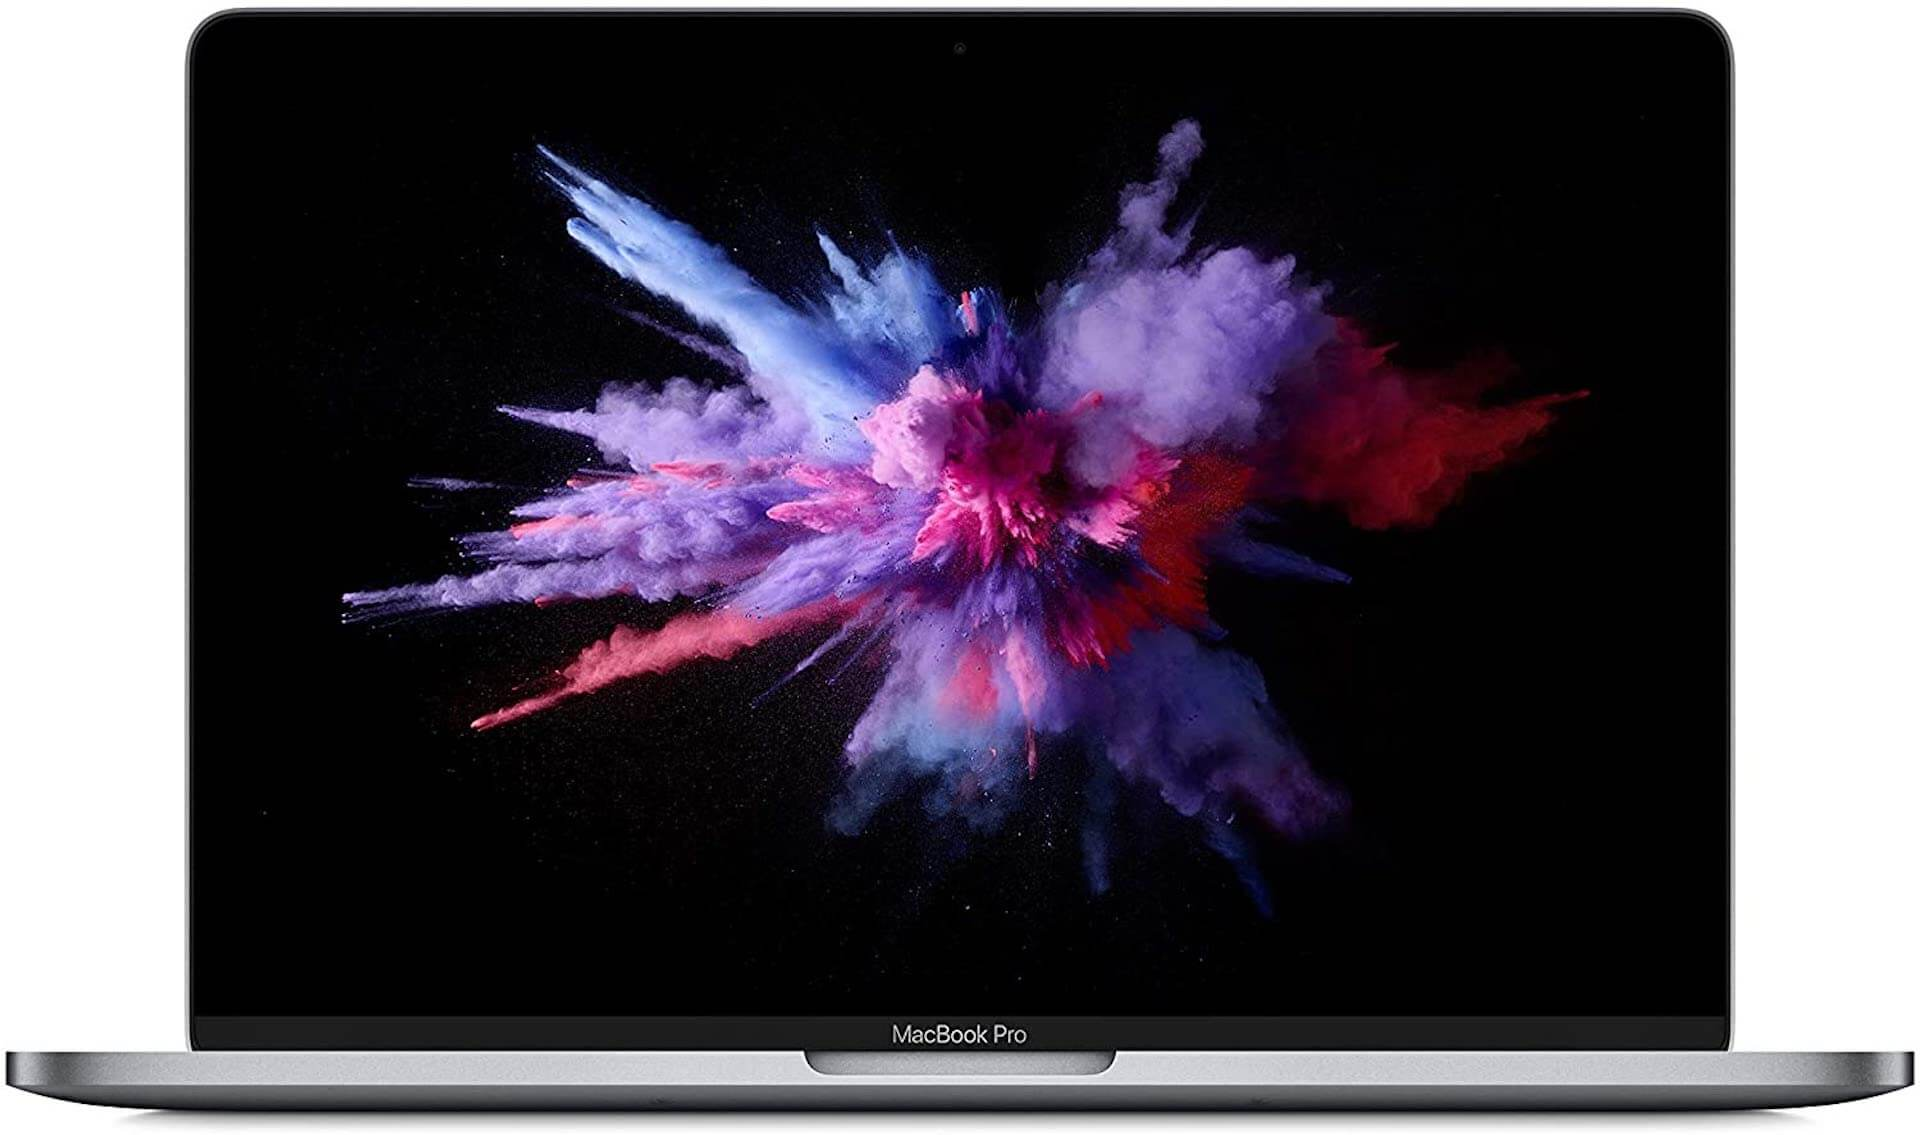 Amazonプライムデーの対象商品第1弾が発表!13インチMacBook Proに「アベンジャーズ」シリーズMovieNEX19巻セットまで tech201001_amazonprimeday_8